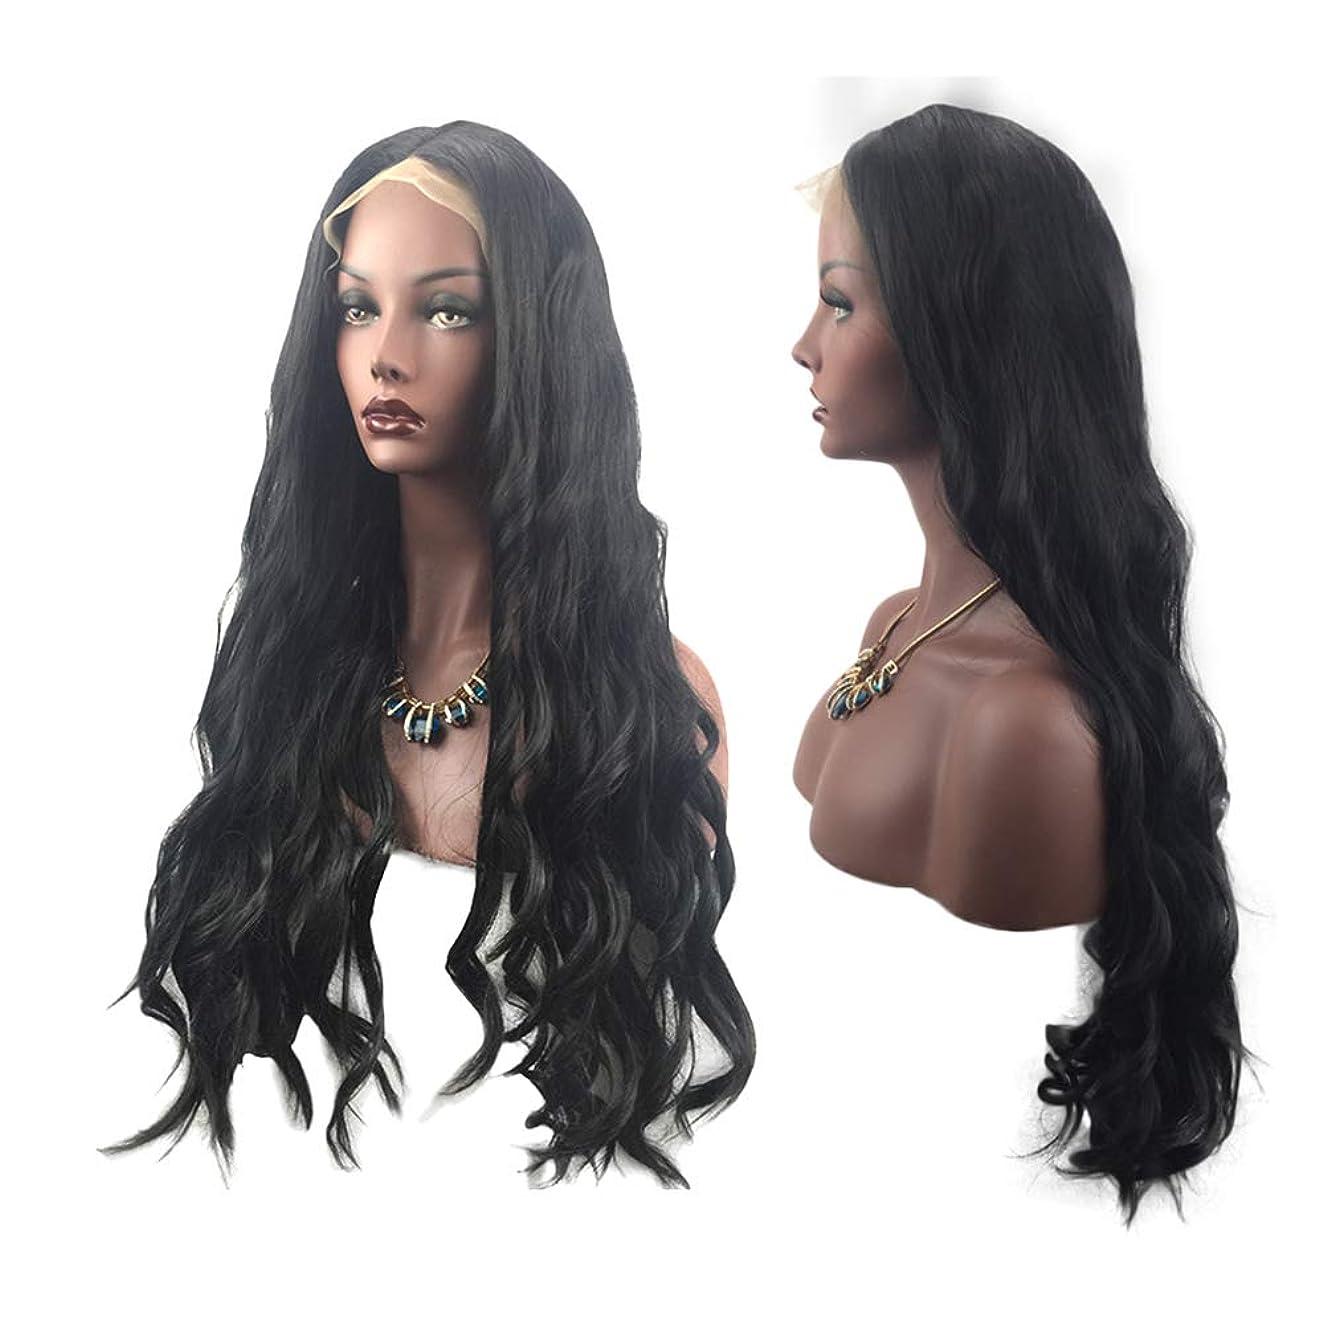 構築する膜カポック女性の長い巻き毛のファッション髪かつら自然に見える絶妙な弾性ネットかつらカバー(LS-019)